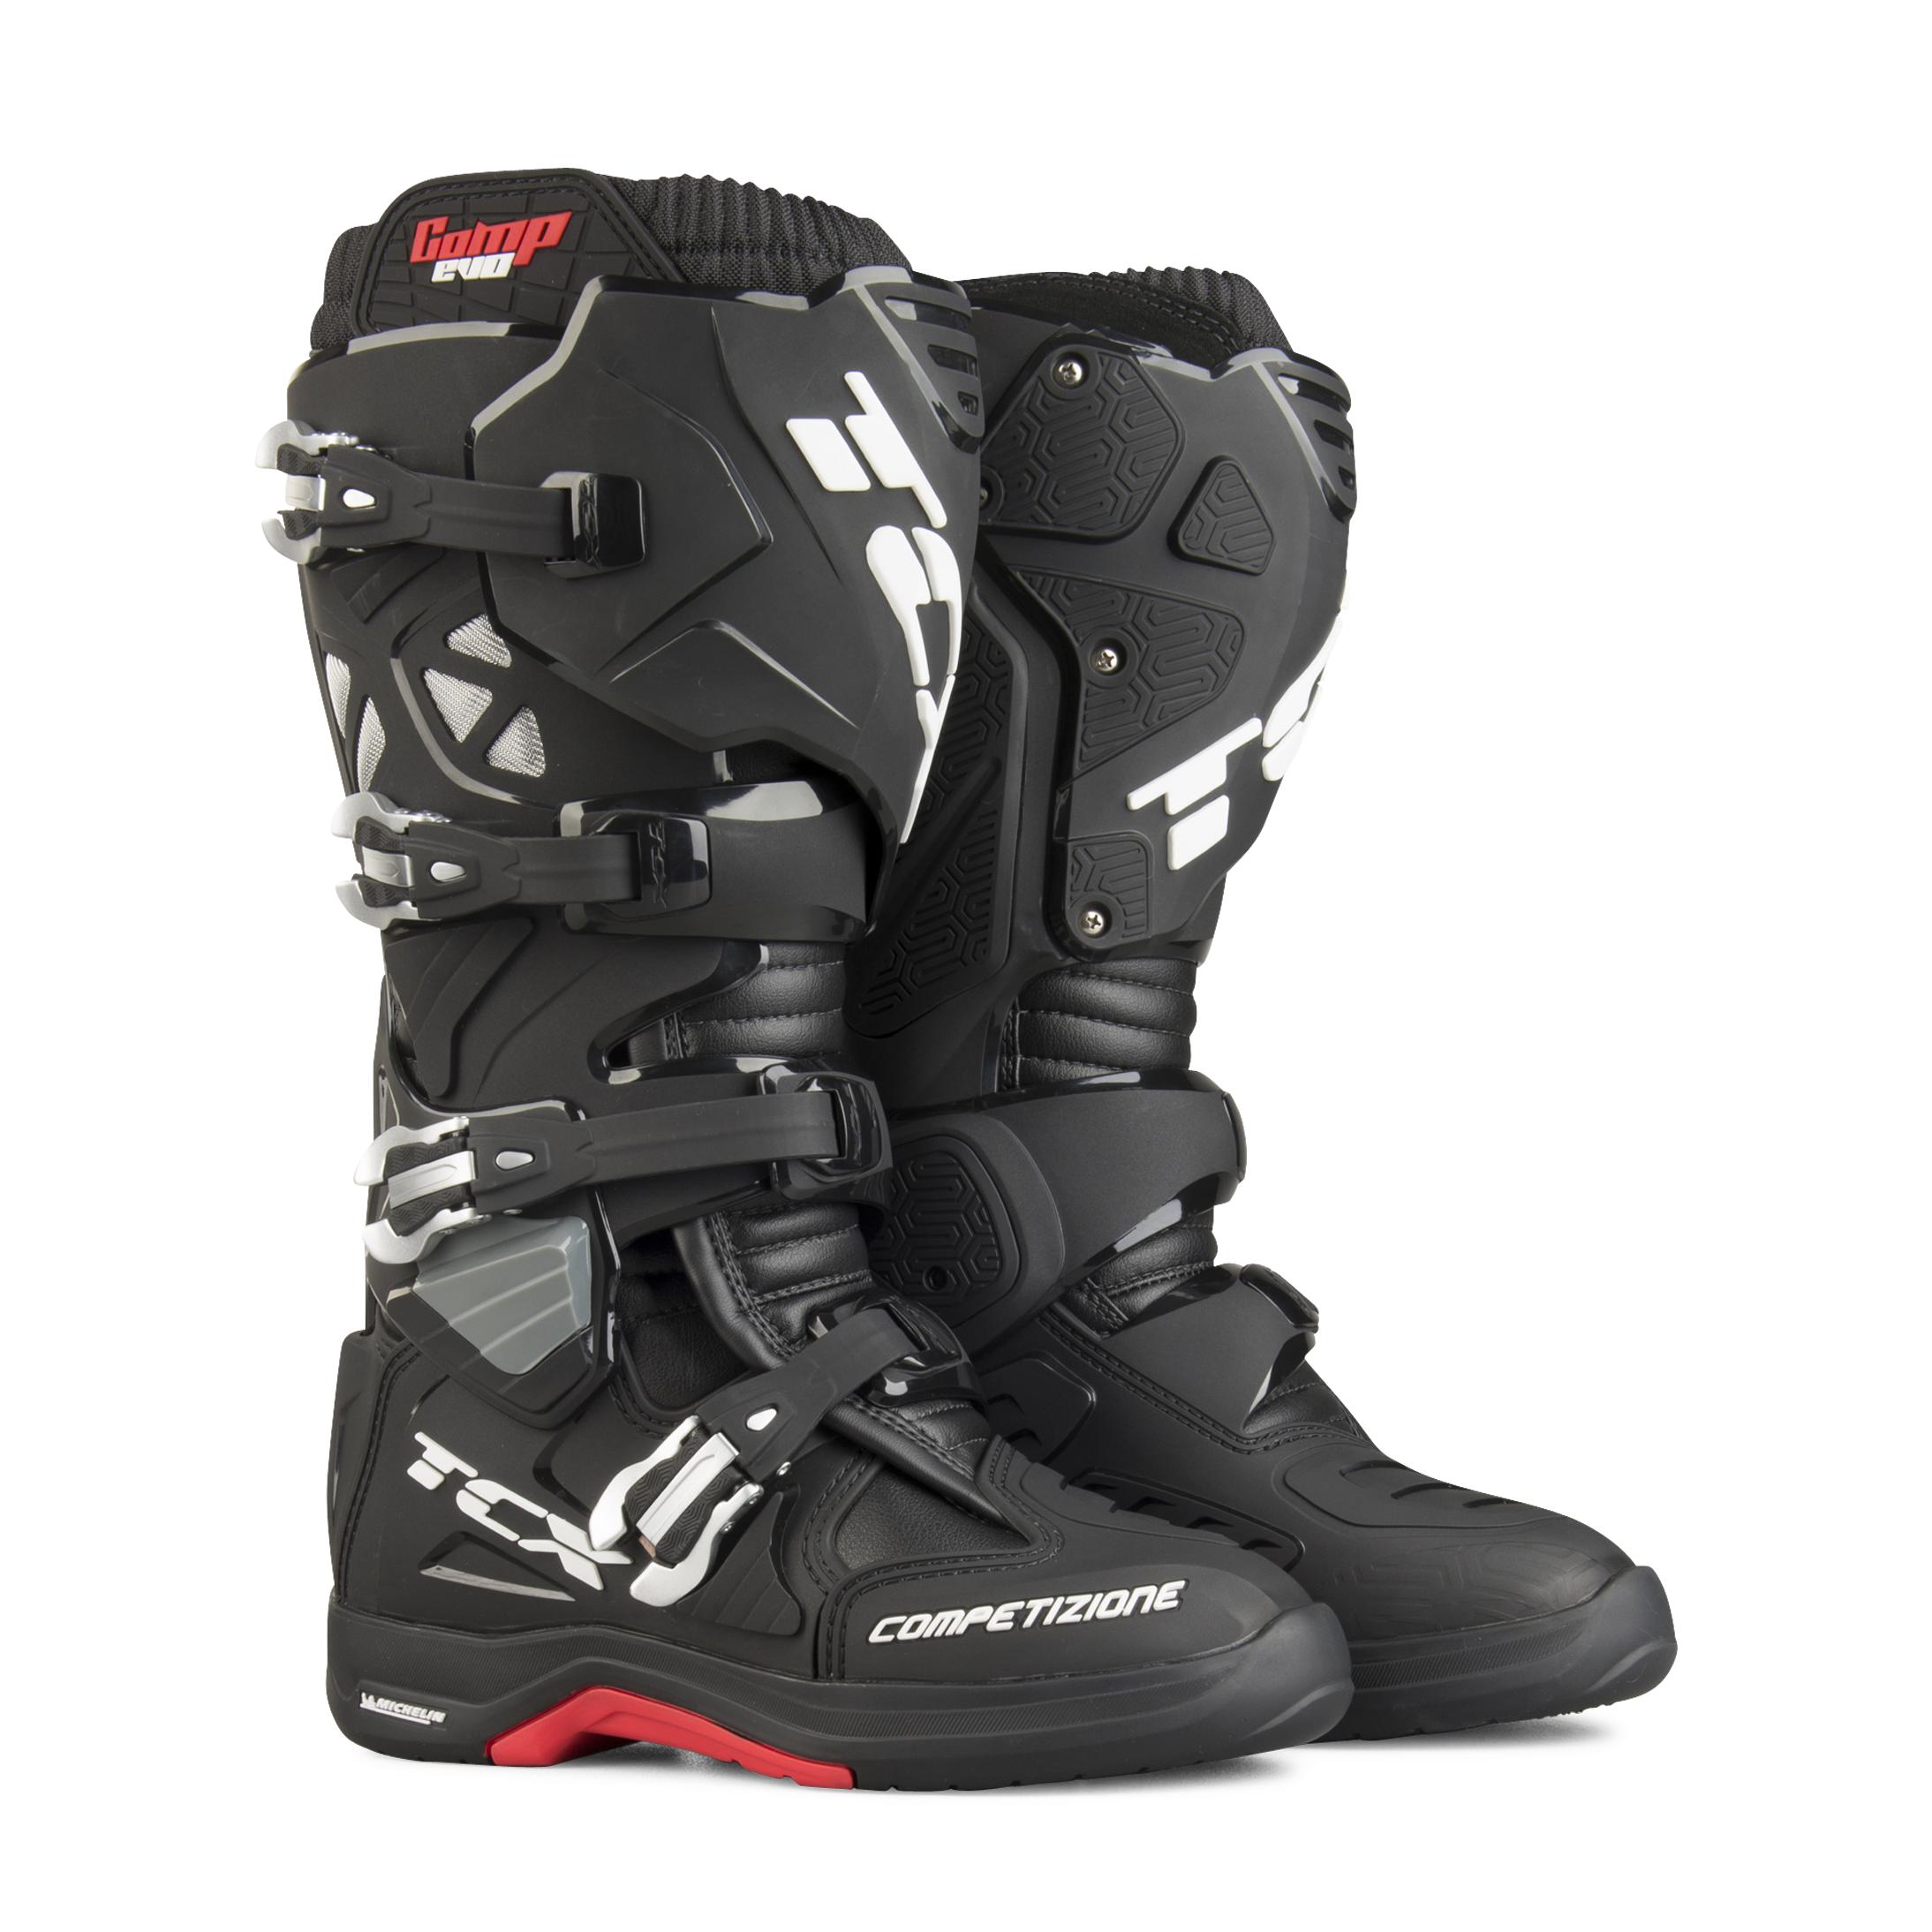 TCX Stivali Moto  Comp Evo 2 Michelin Nero